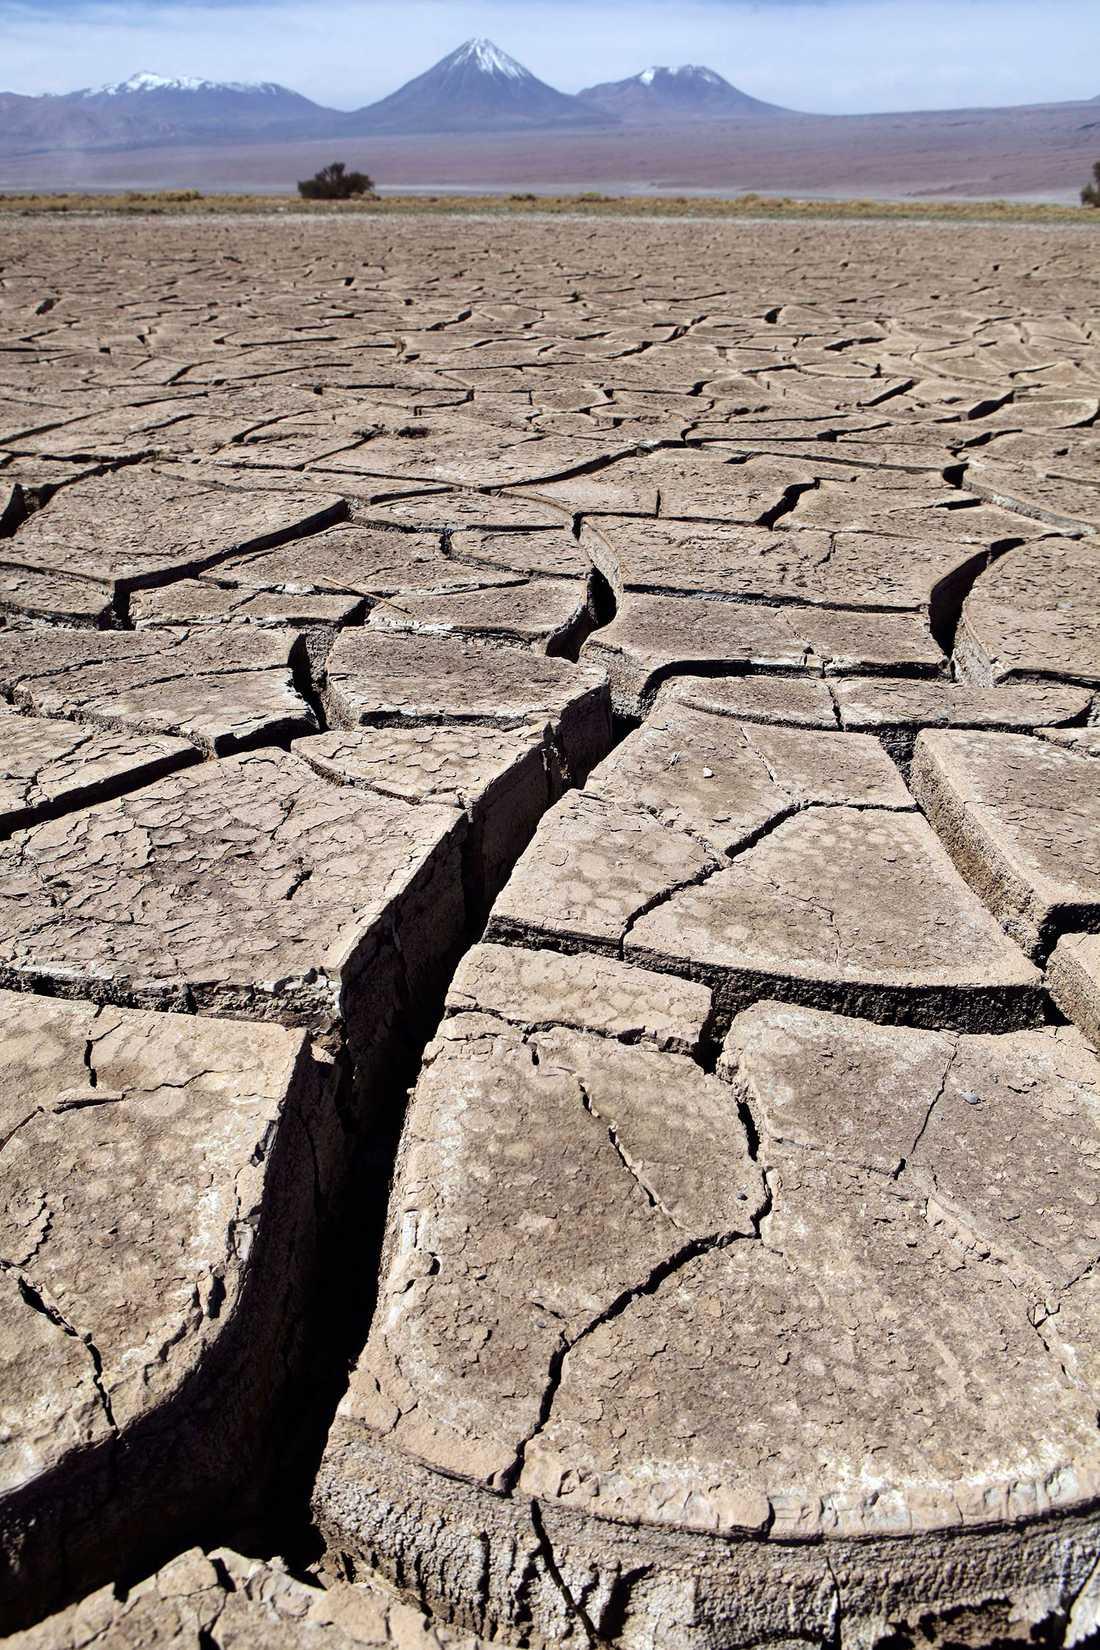 VÄRLDENS TORRASTE PLATS Atacamaöknen i Sydamerika är överlägset torrast på jorden. I snitt faller här 101 millimeter regn – vart tusende år (jo, du läste rätt!).